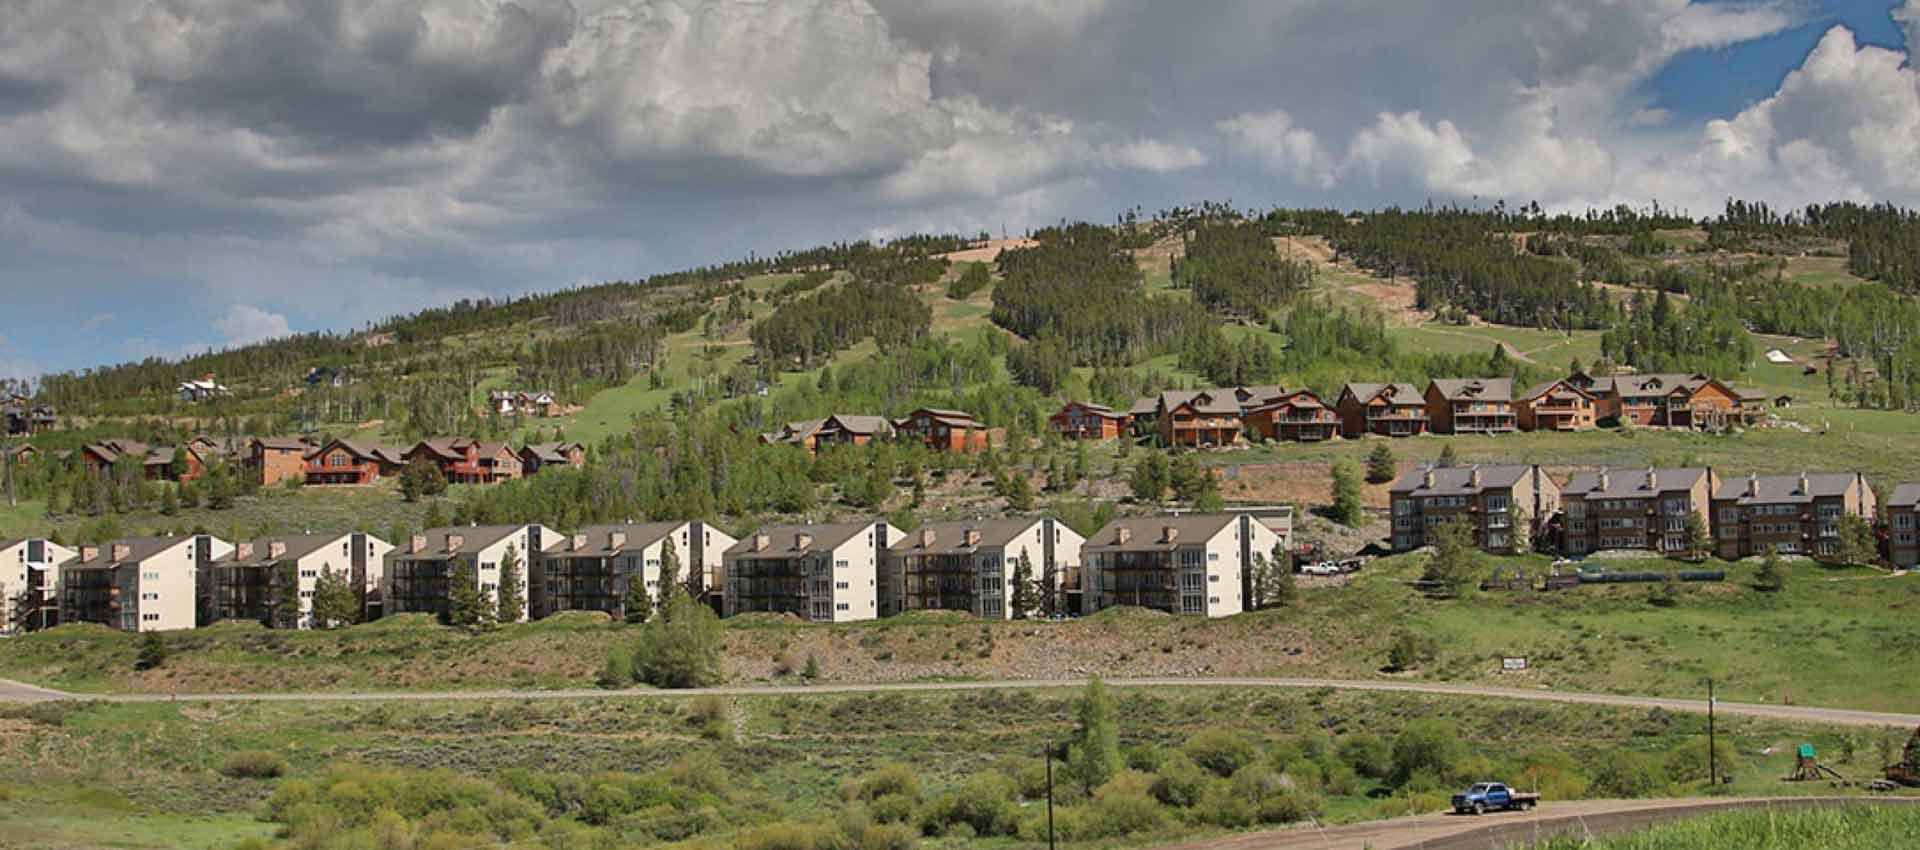 Vacation homes and summer ski slopes.